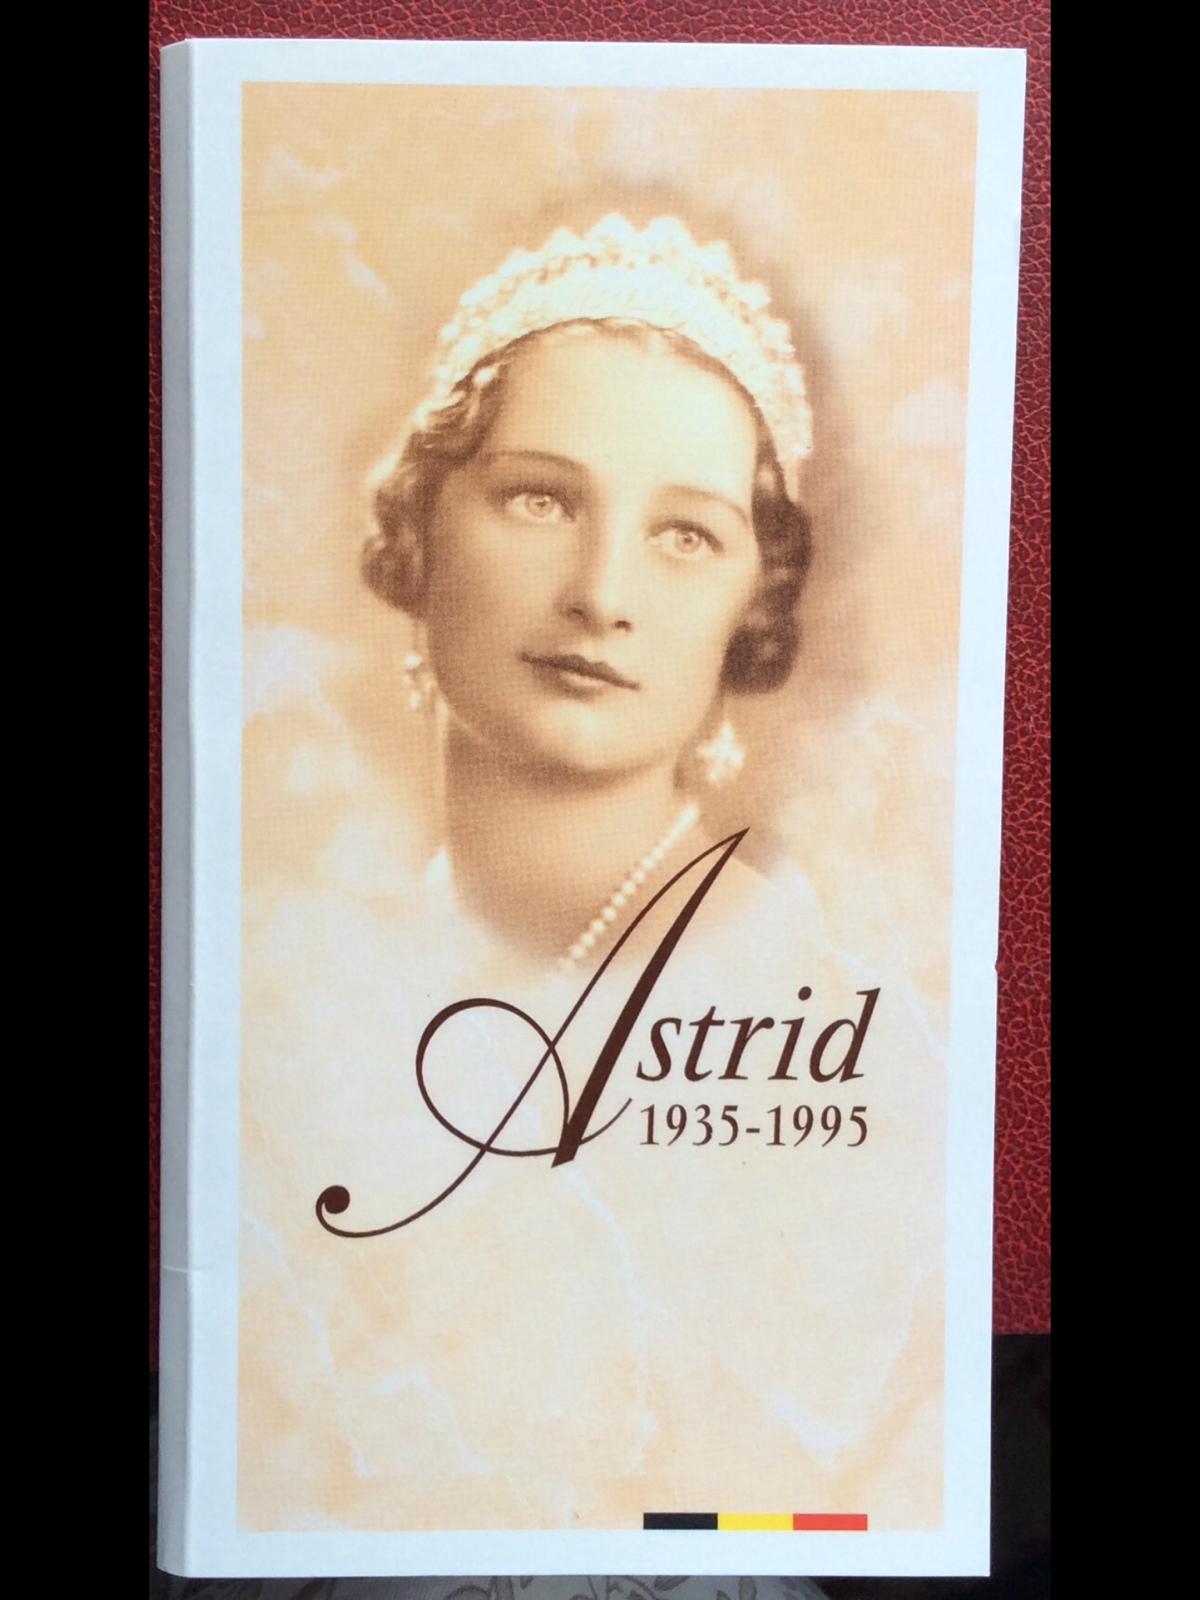 Belgique - Monnaie de 250 FRANCS 1995 Astrid - Argent - QP - PROOF